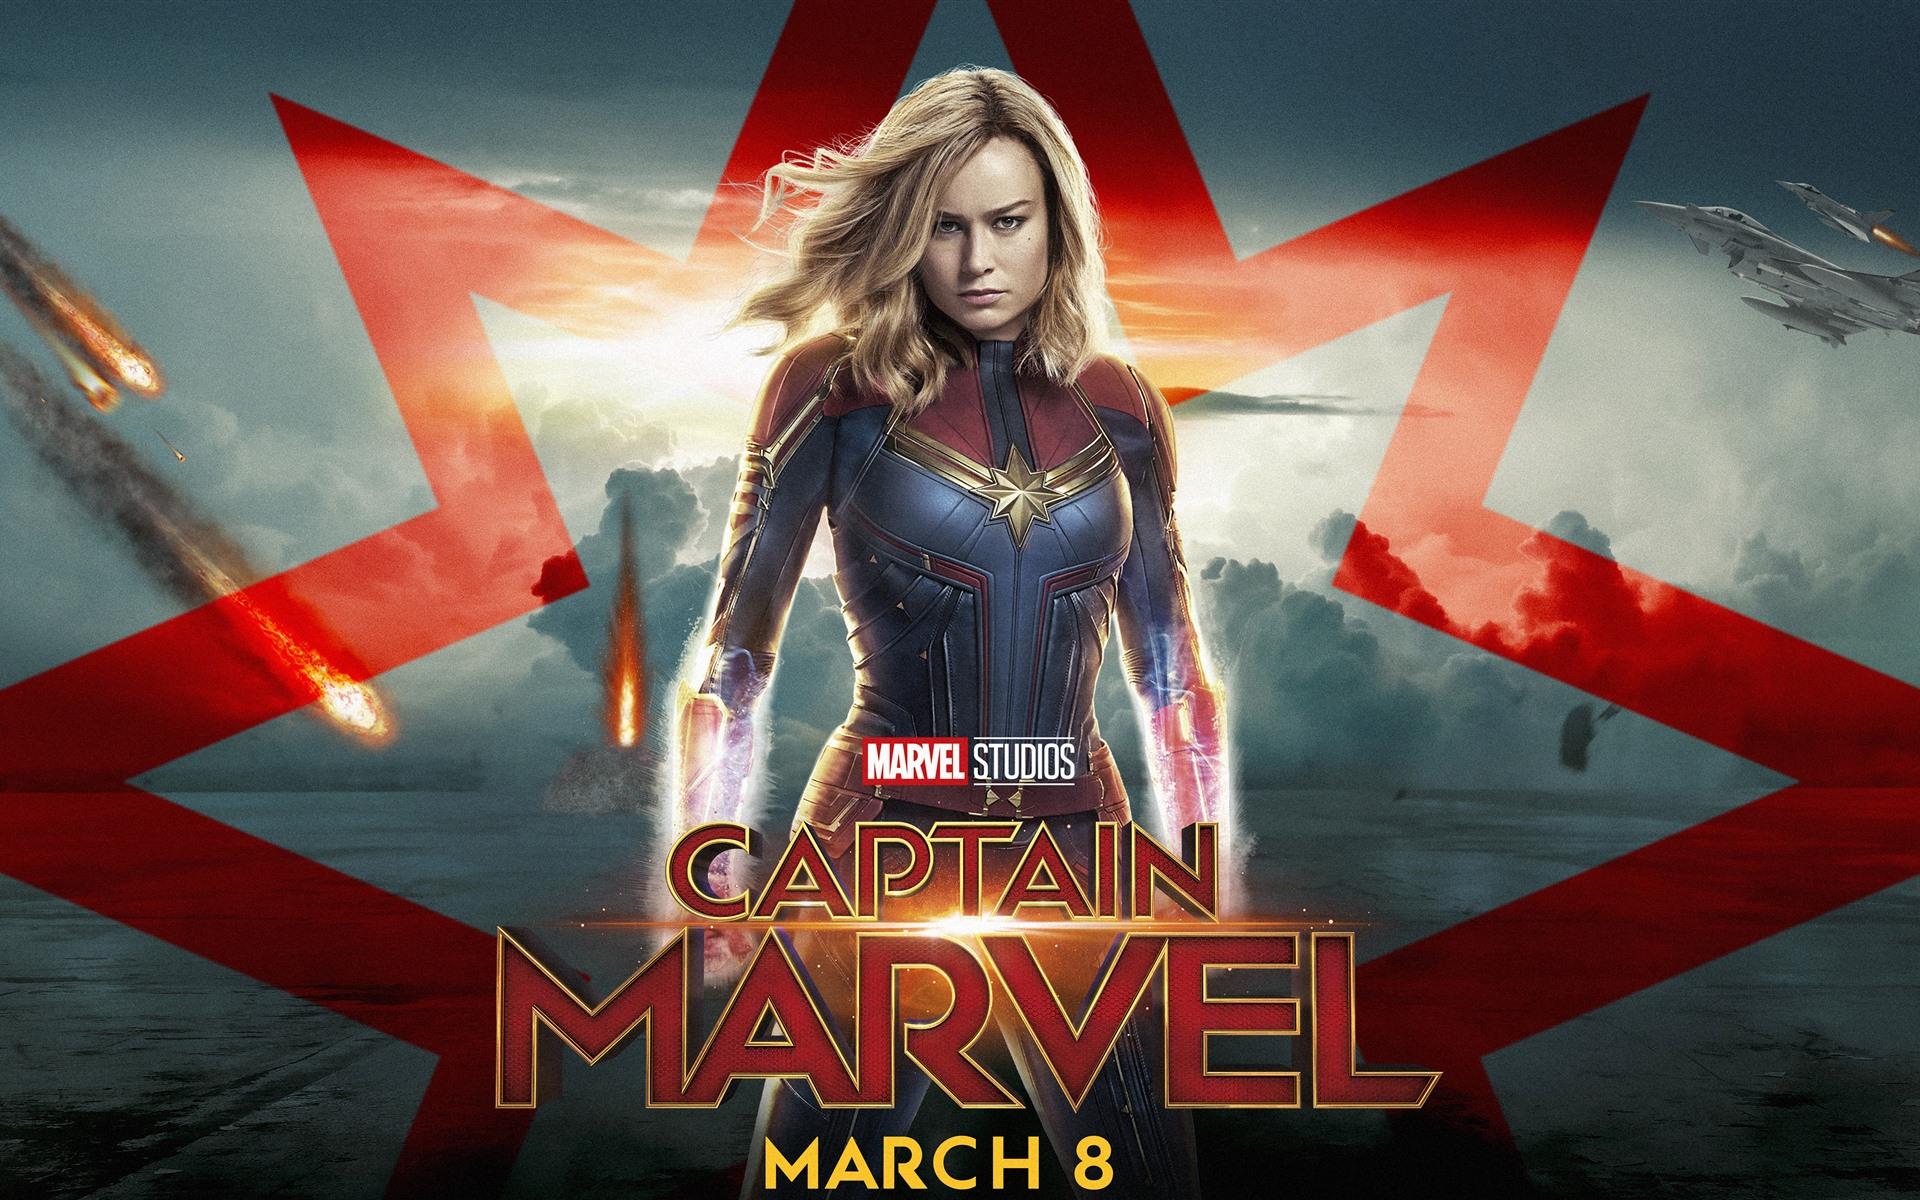 Movie Poster 2019: Wallpaper Captain Marvel, Brie Larson 5120x2880 UHD 5K